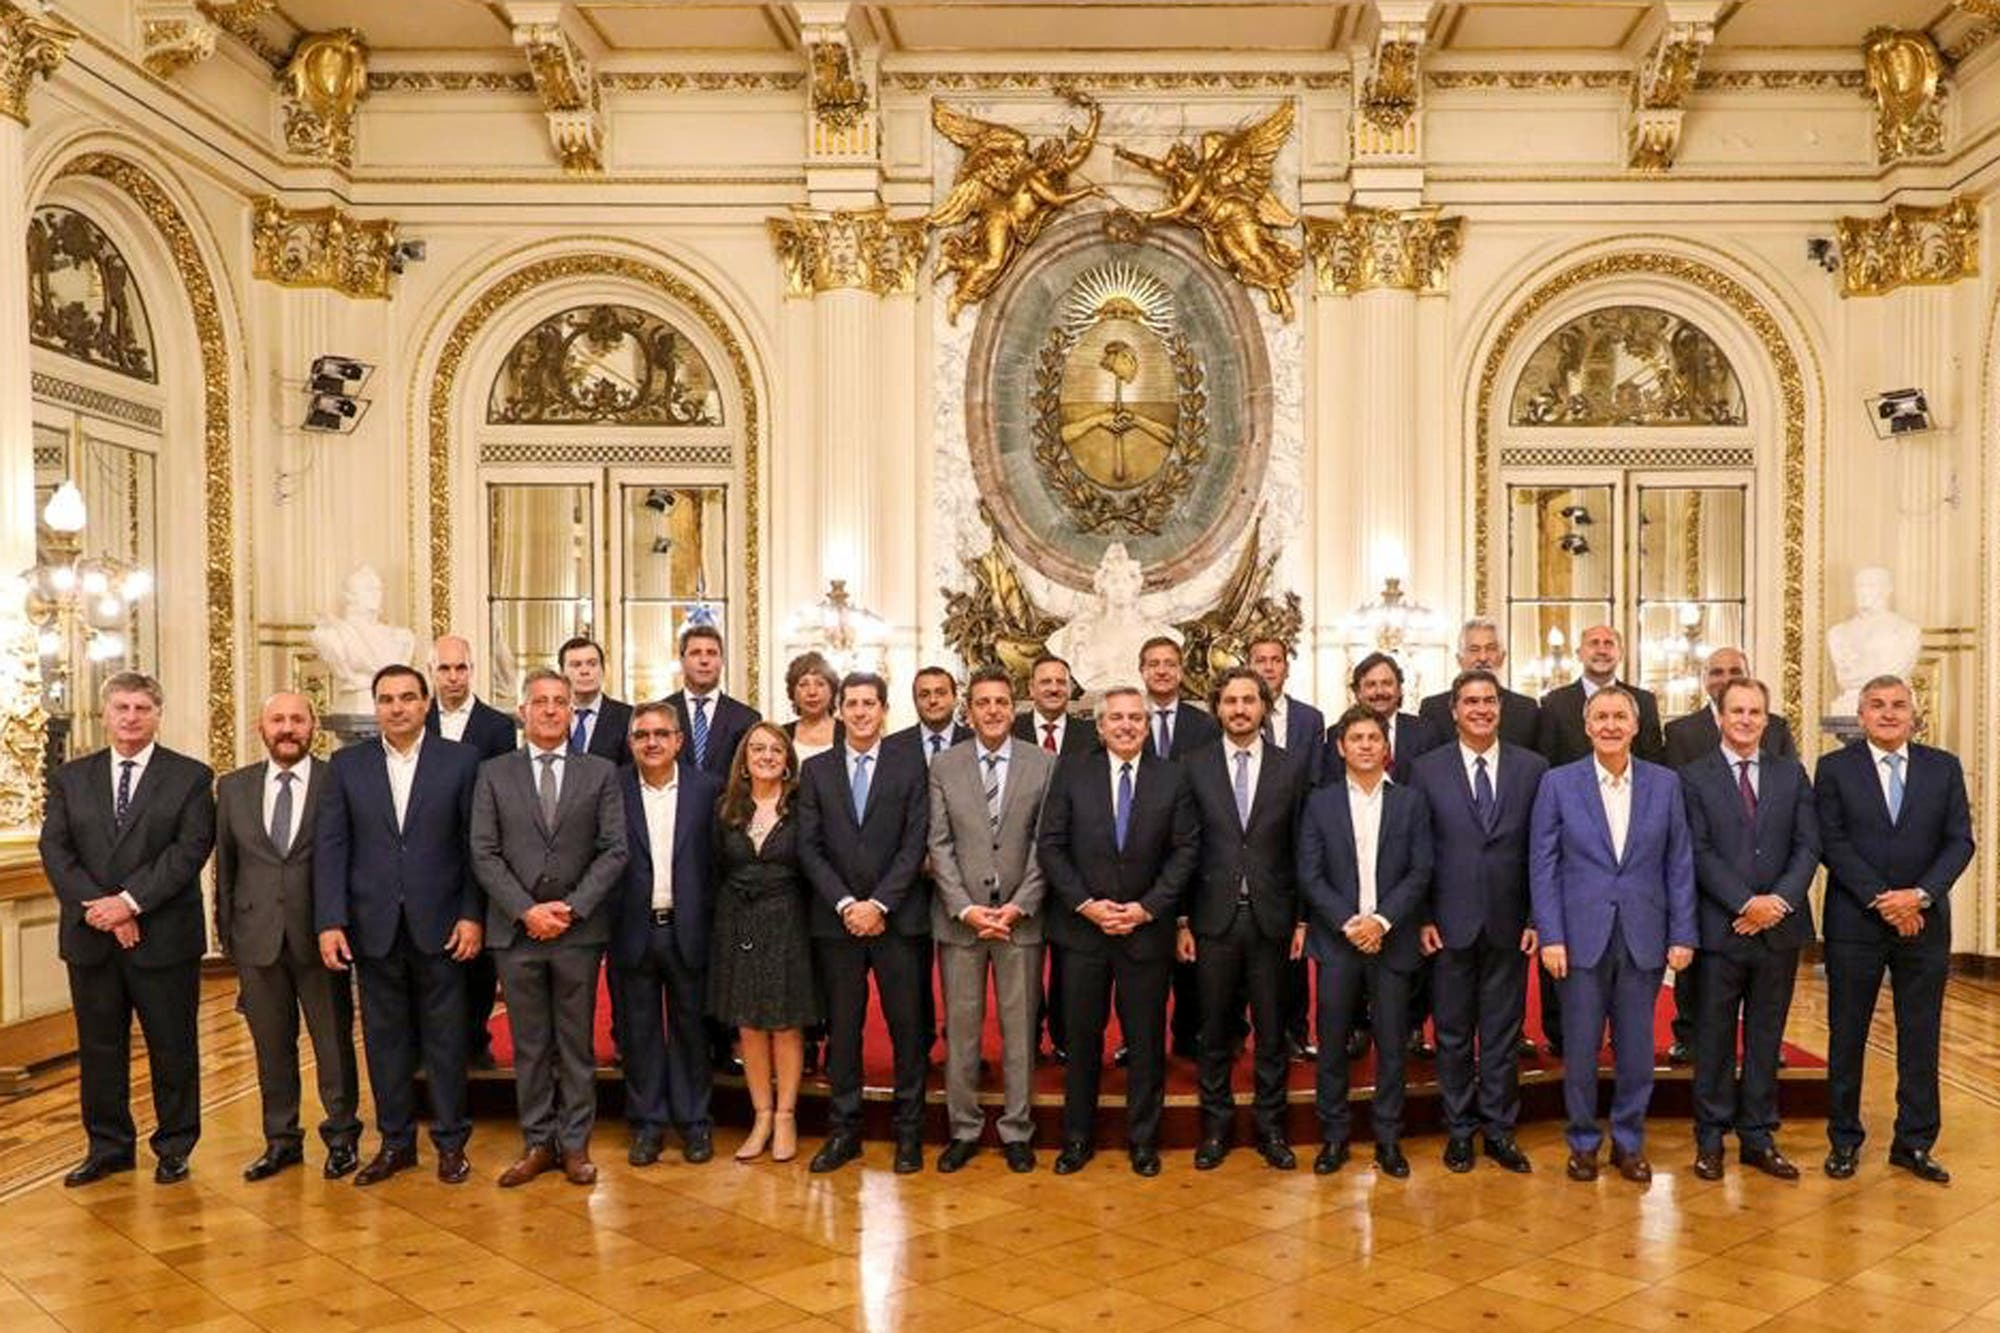 Peregrinación de los gobernadores a la Casa Rosada por recursos